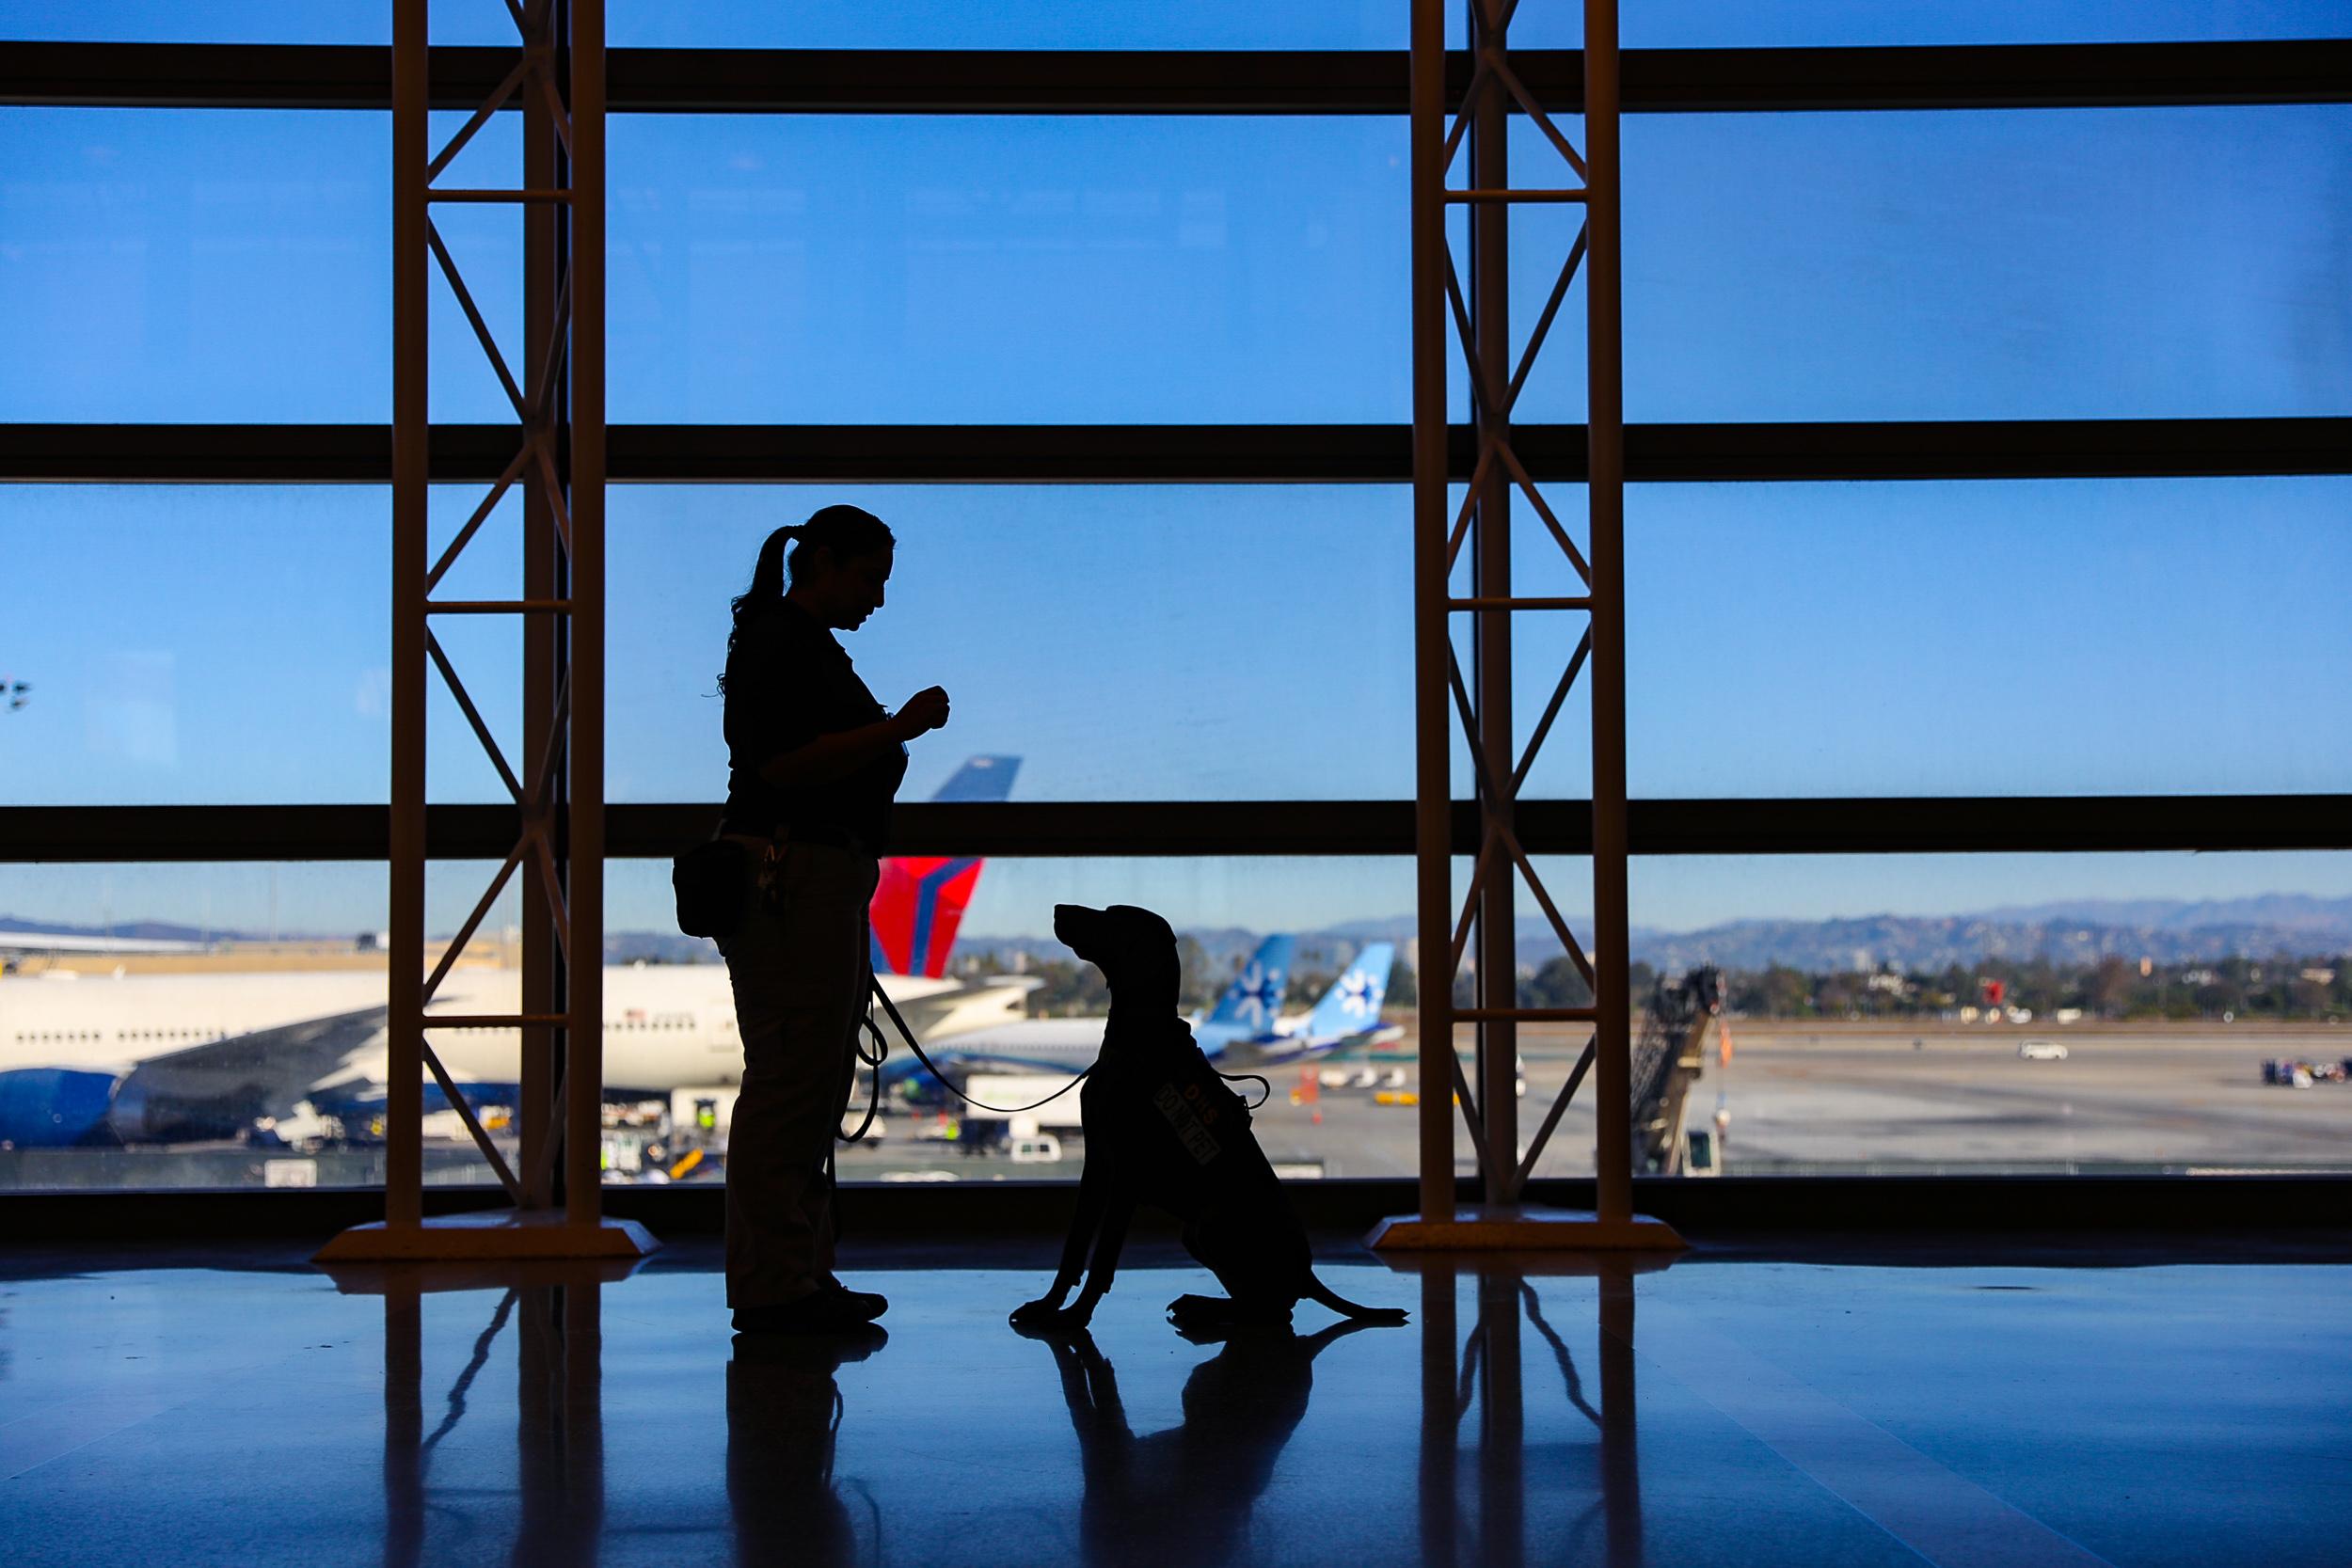 Tara Parekh TSA Canine LAX Photographs-01.jpg